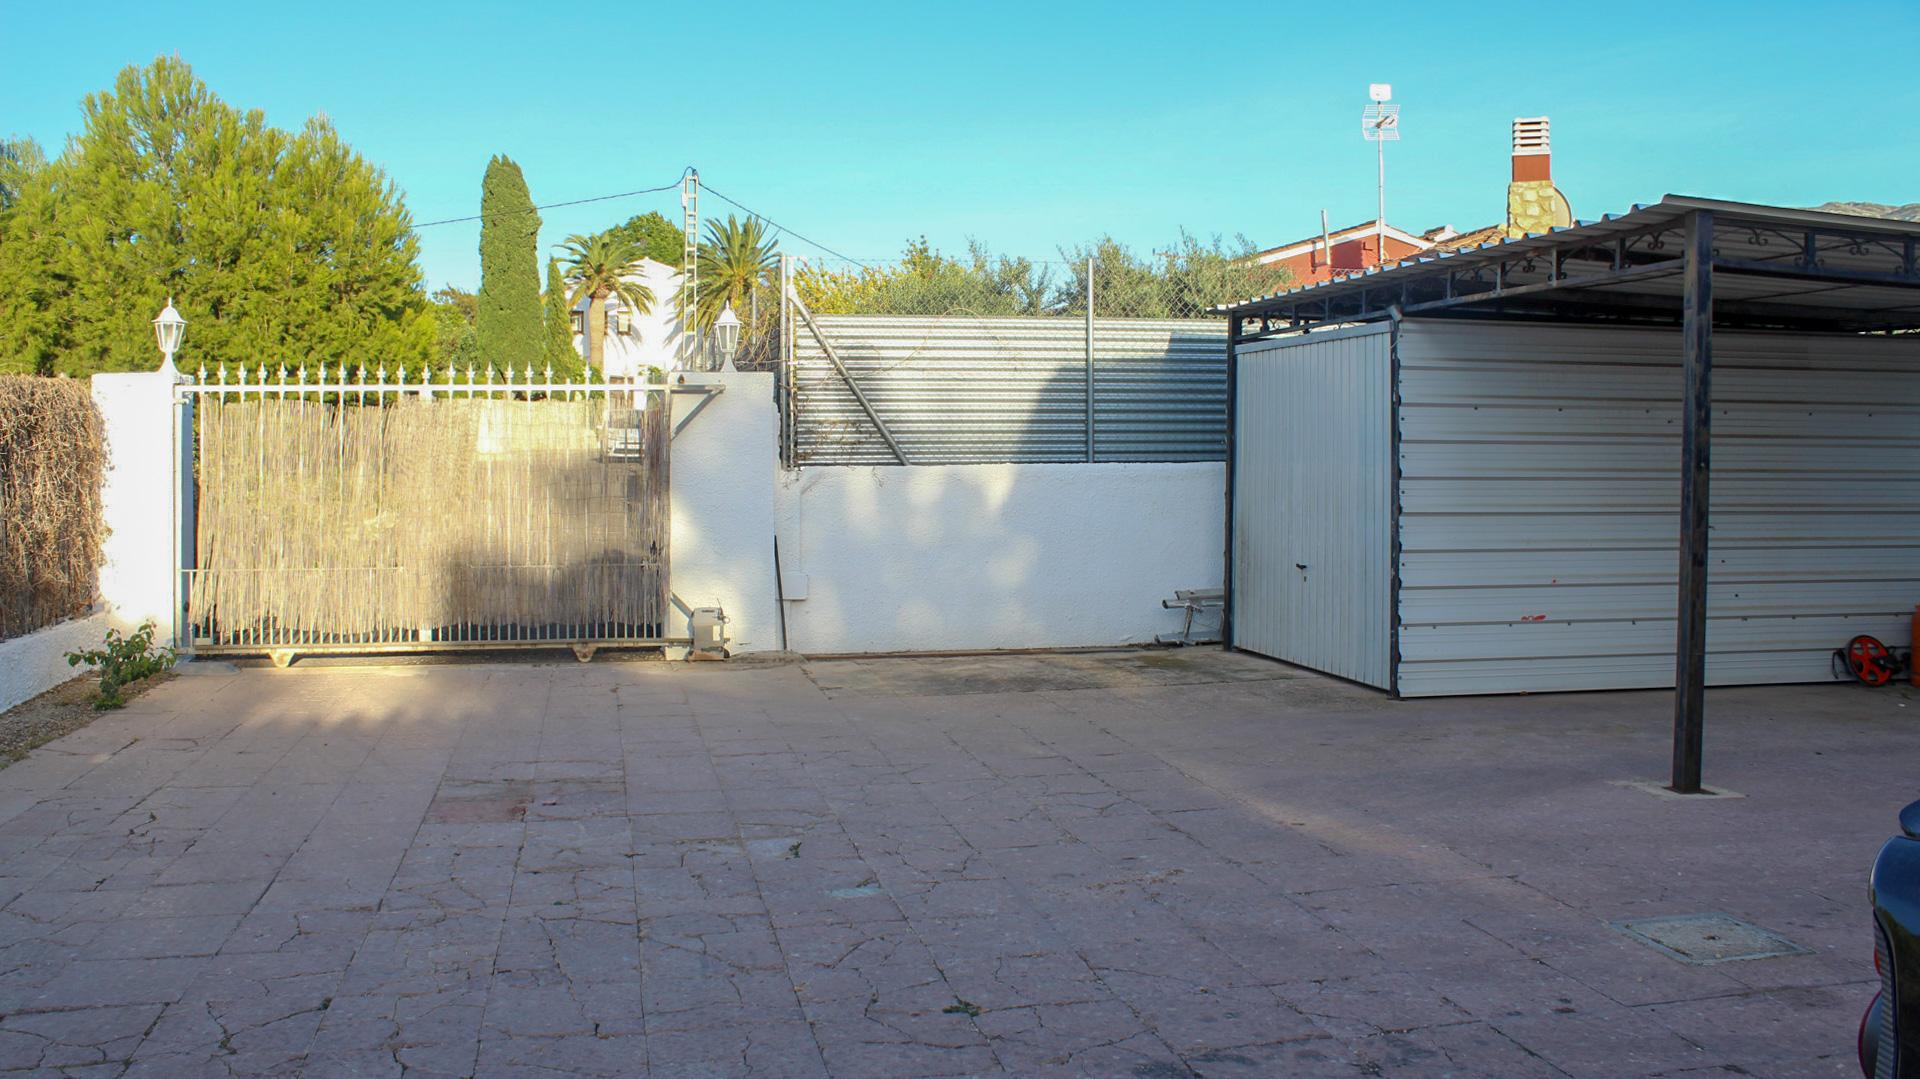 vitalcasa.sooprema-propiedades_5da7210373333-source